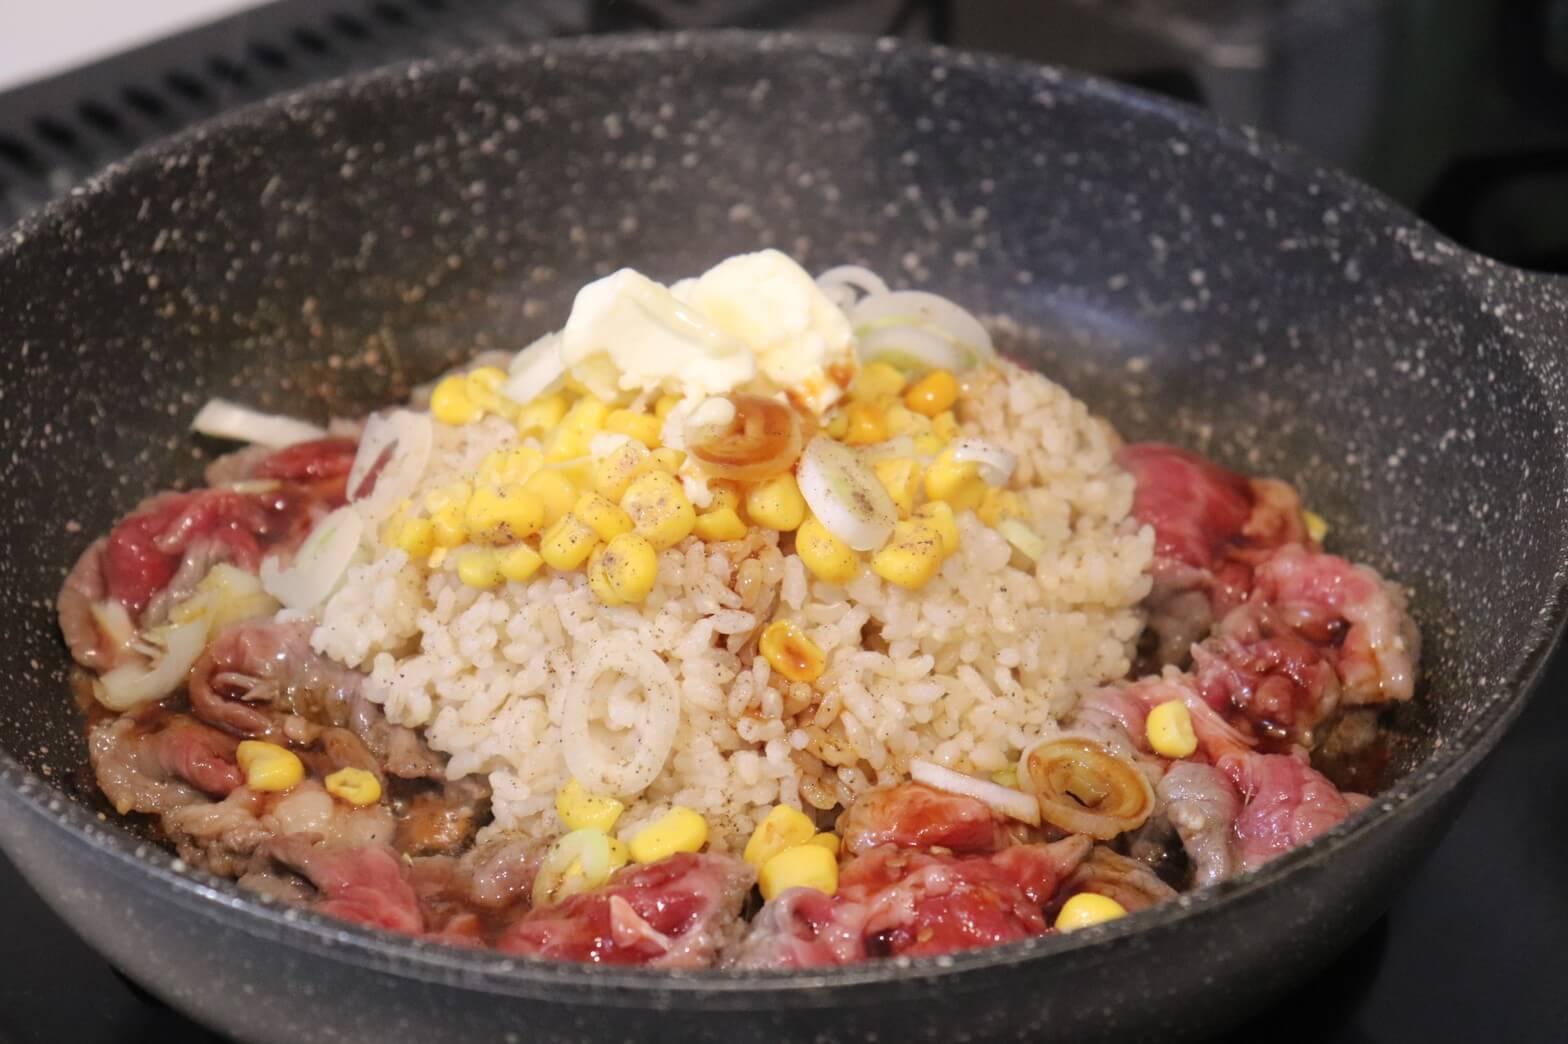 【レシピあり】ヒカキンおすすめ『ペッパーランチのビーフペッパーライス』が男飯として最高!